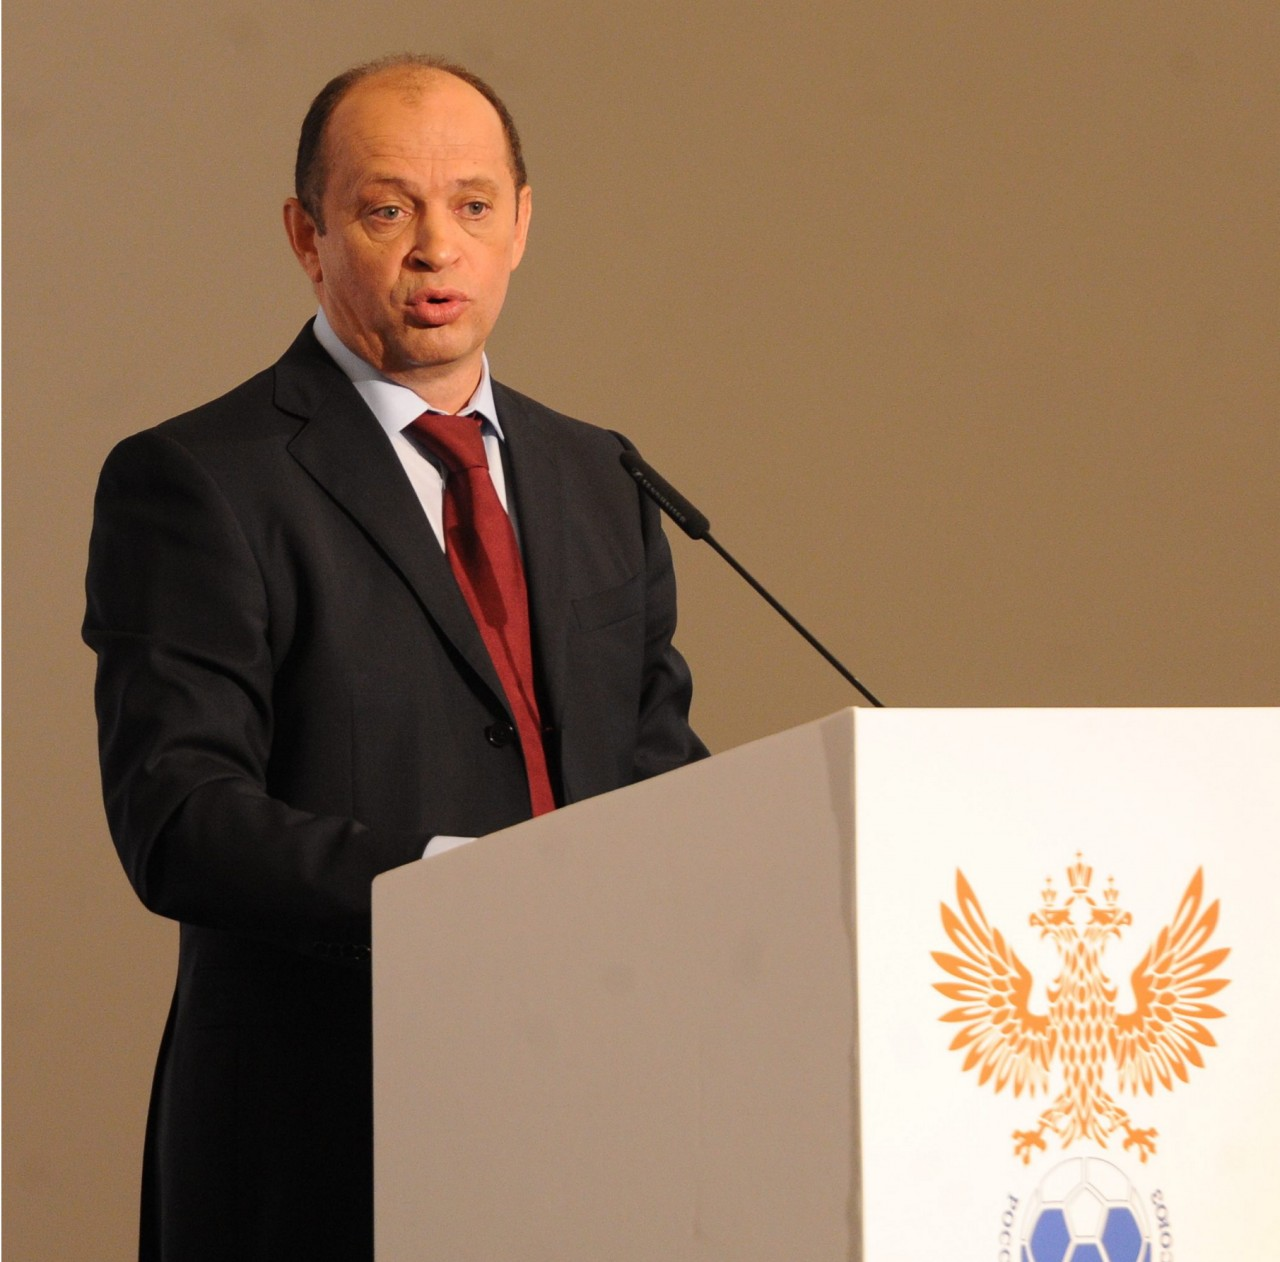 Сергей Прядкин: Пусть в Европе не беспокоятся за безопасность на ЧМ